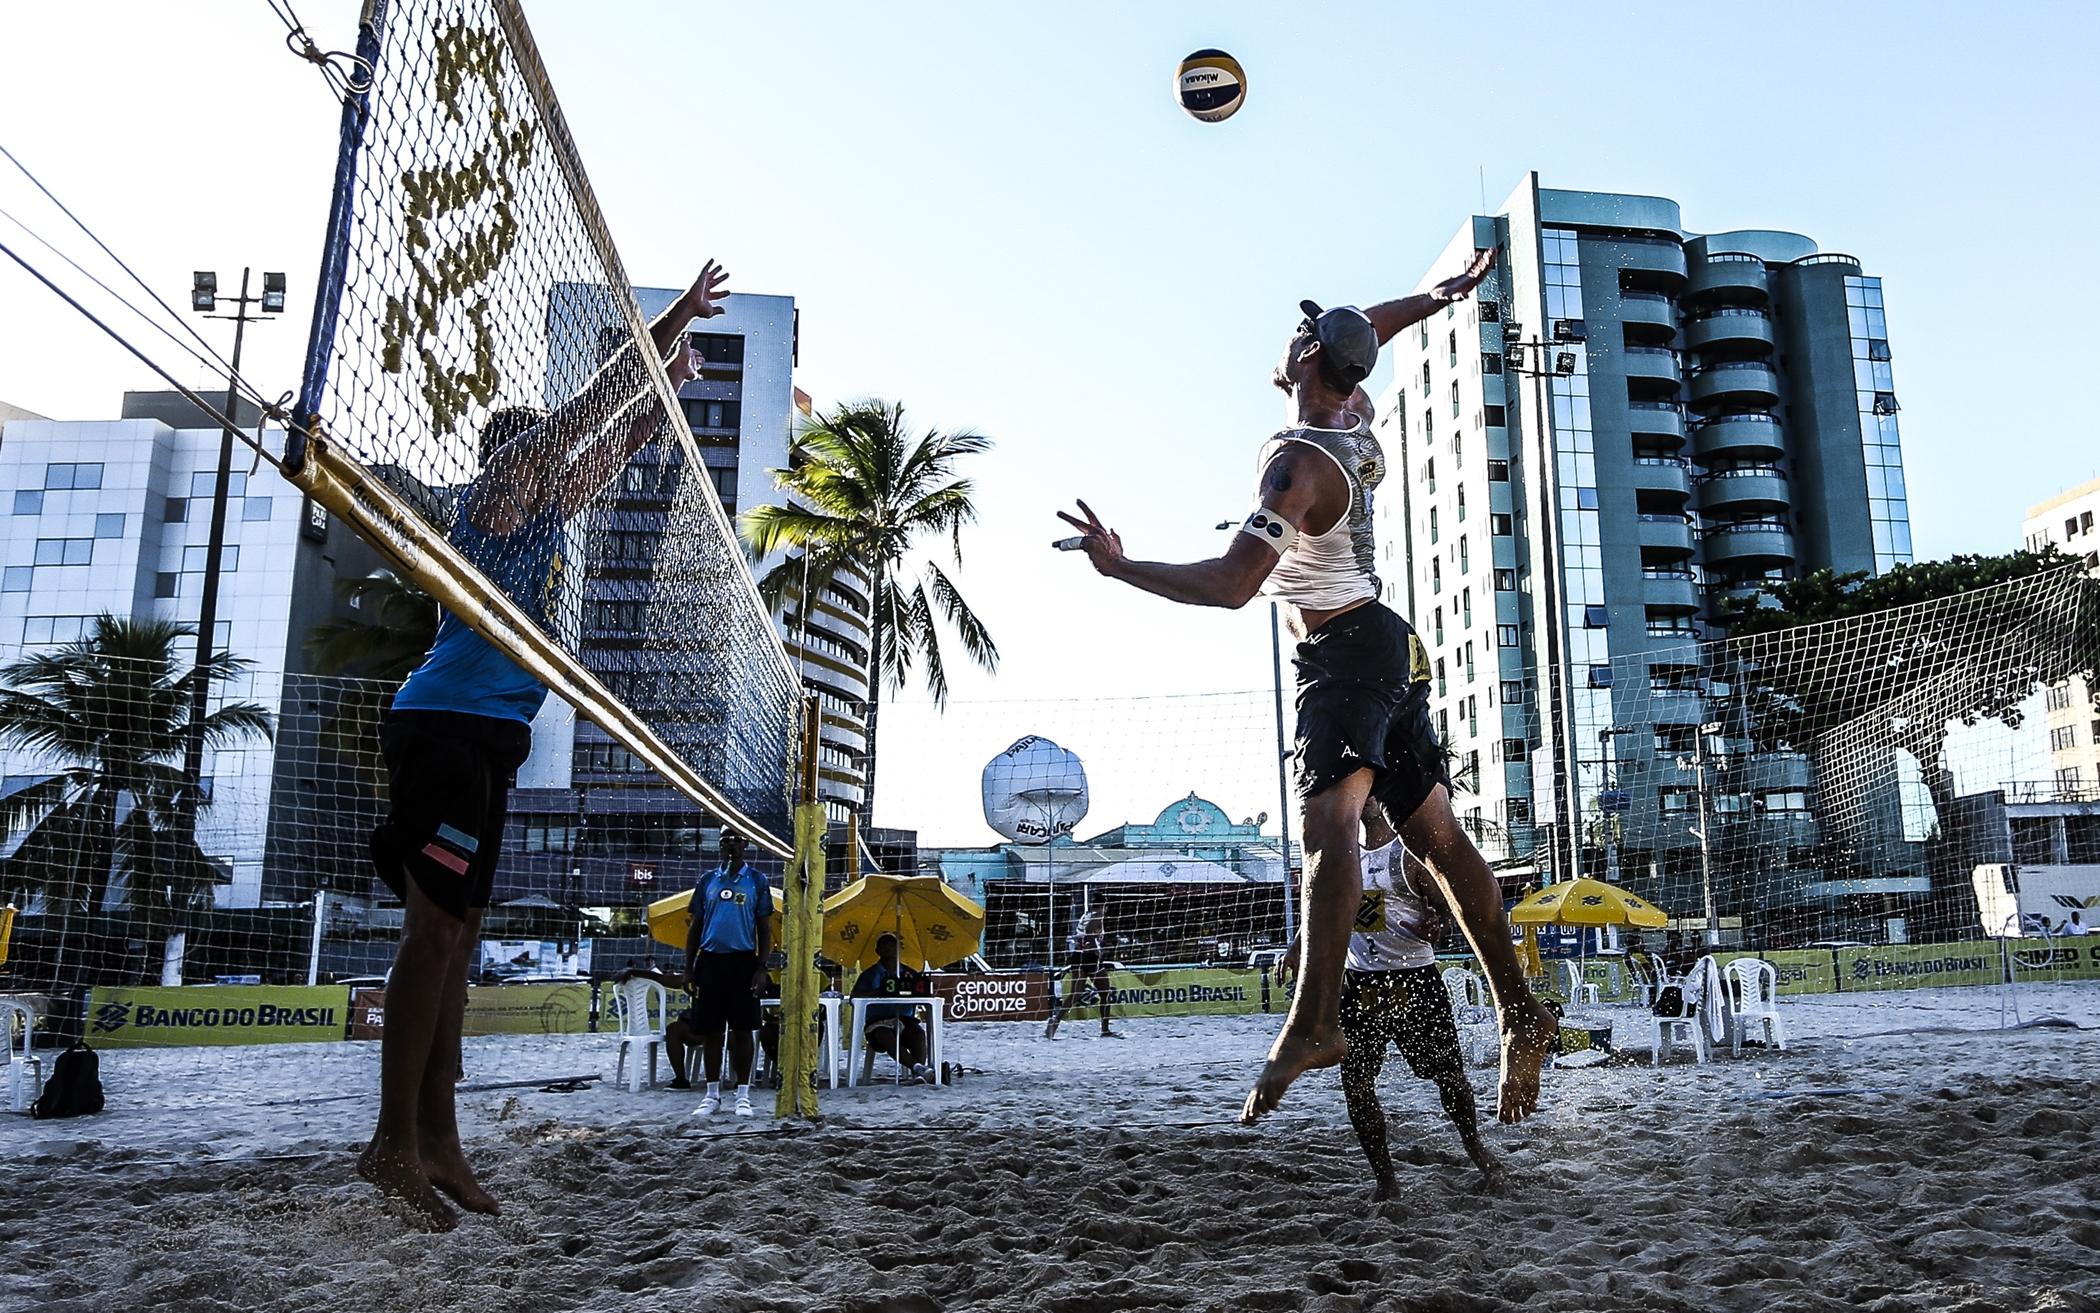 Semifinais terão os quatro primeiros do ranking masculino em Maceió (AL)